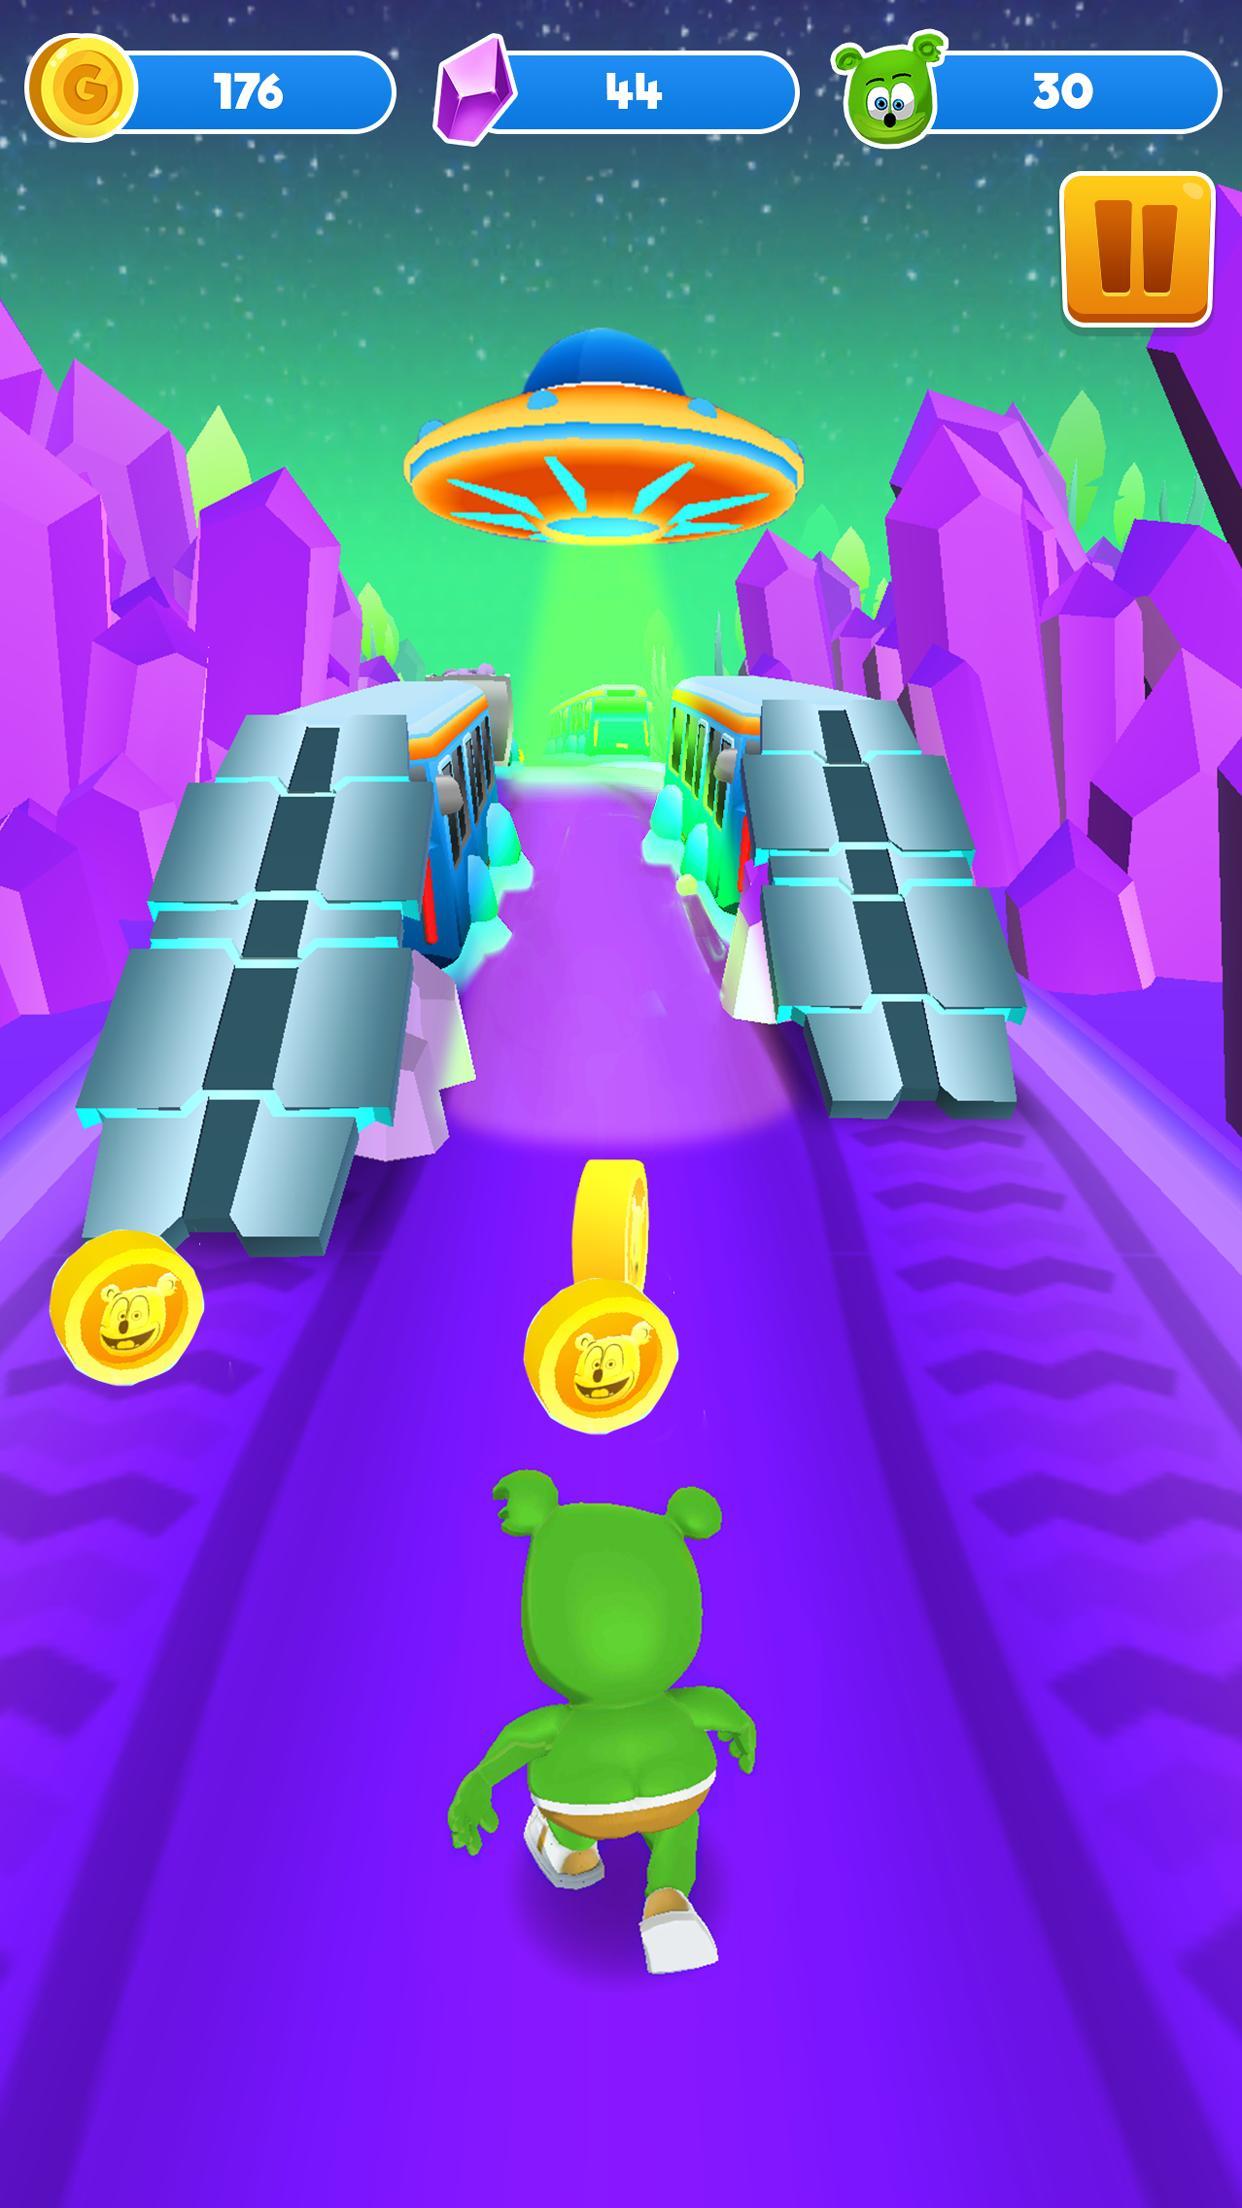 Gummy Bear Running - Endless Runner 2020 1.2.10 Screenshot 8